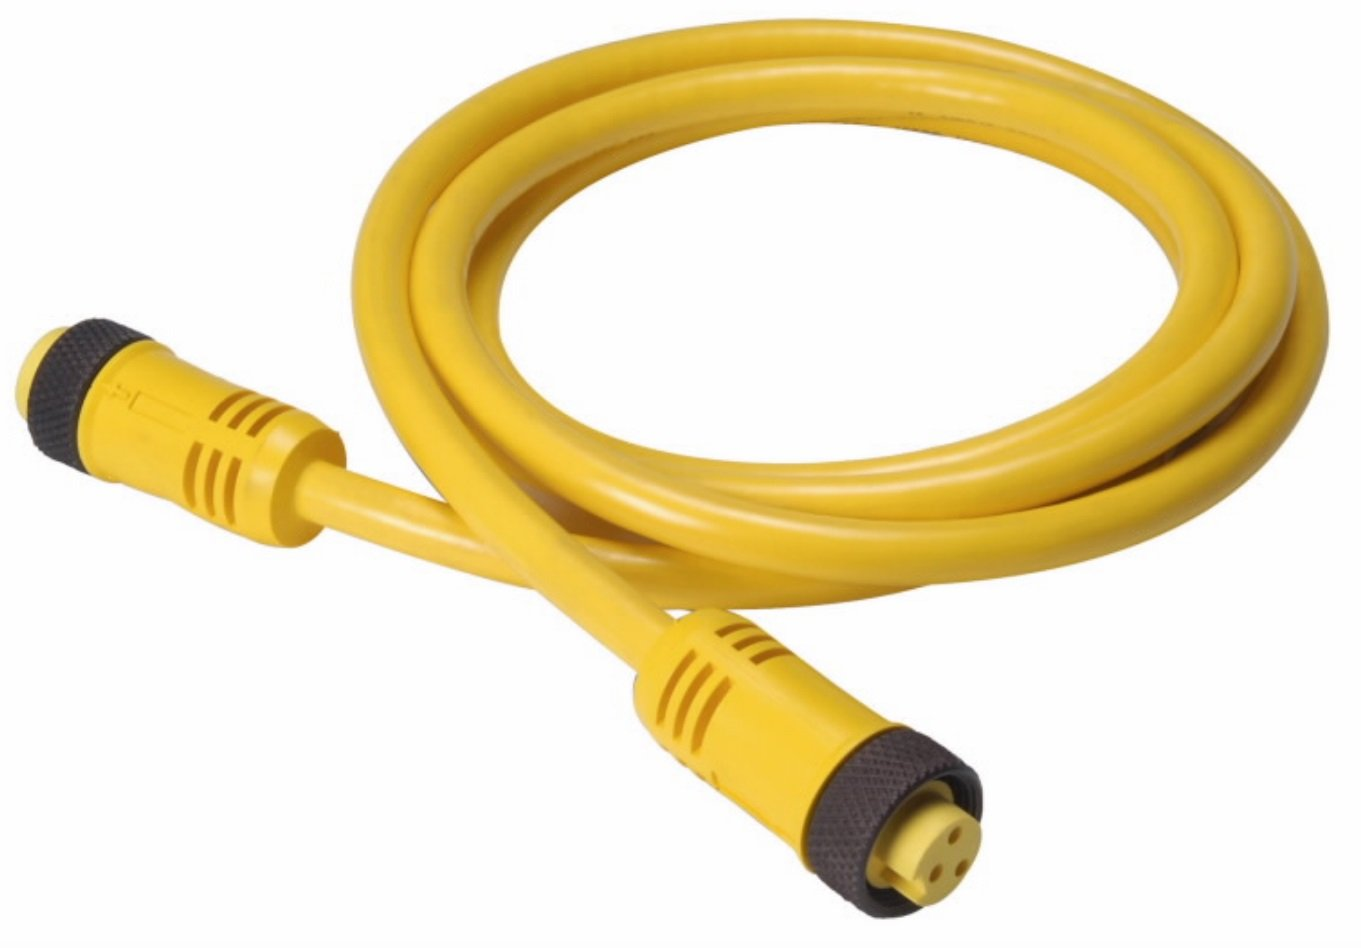 EATON 4867AN-BOX Electric Plug Yellow